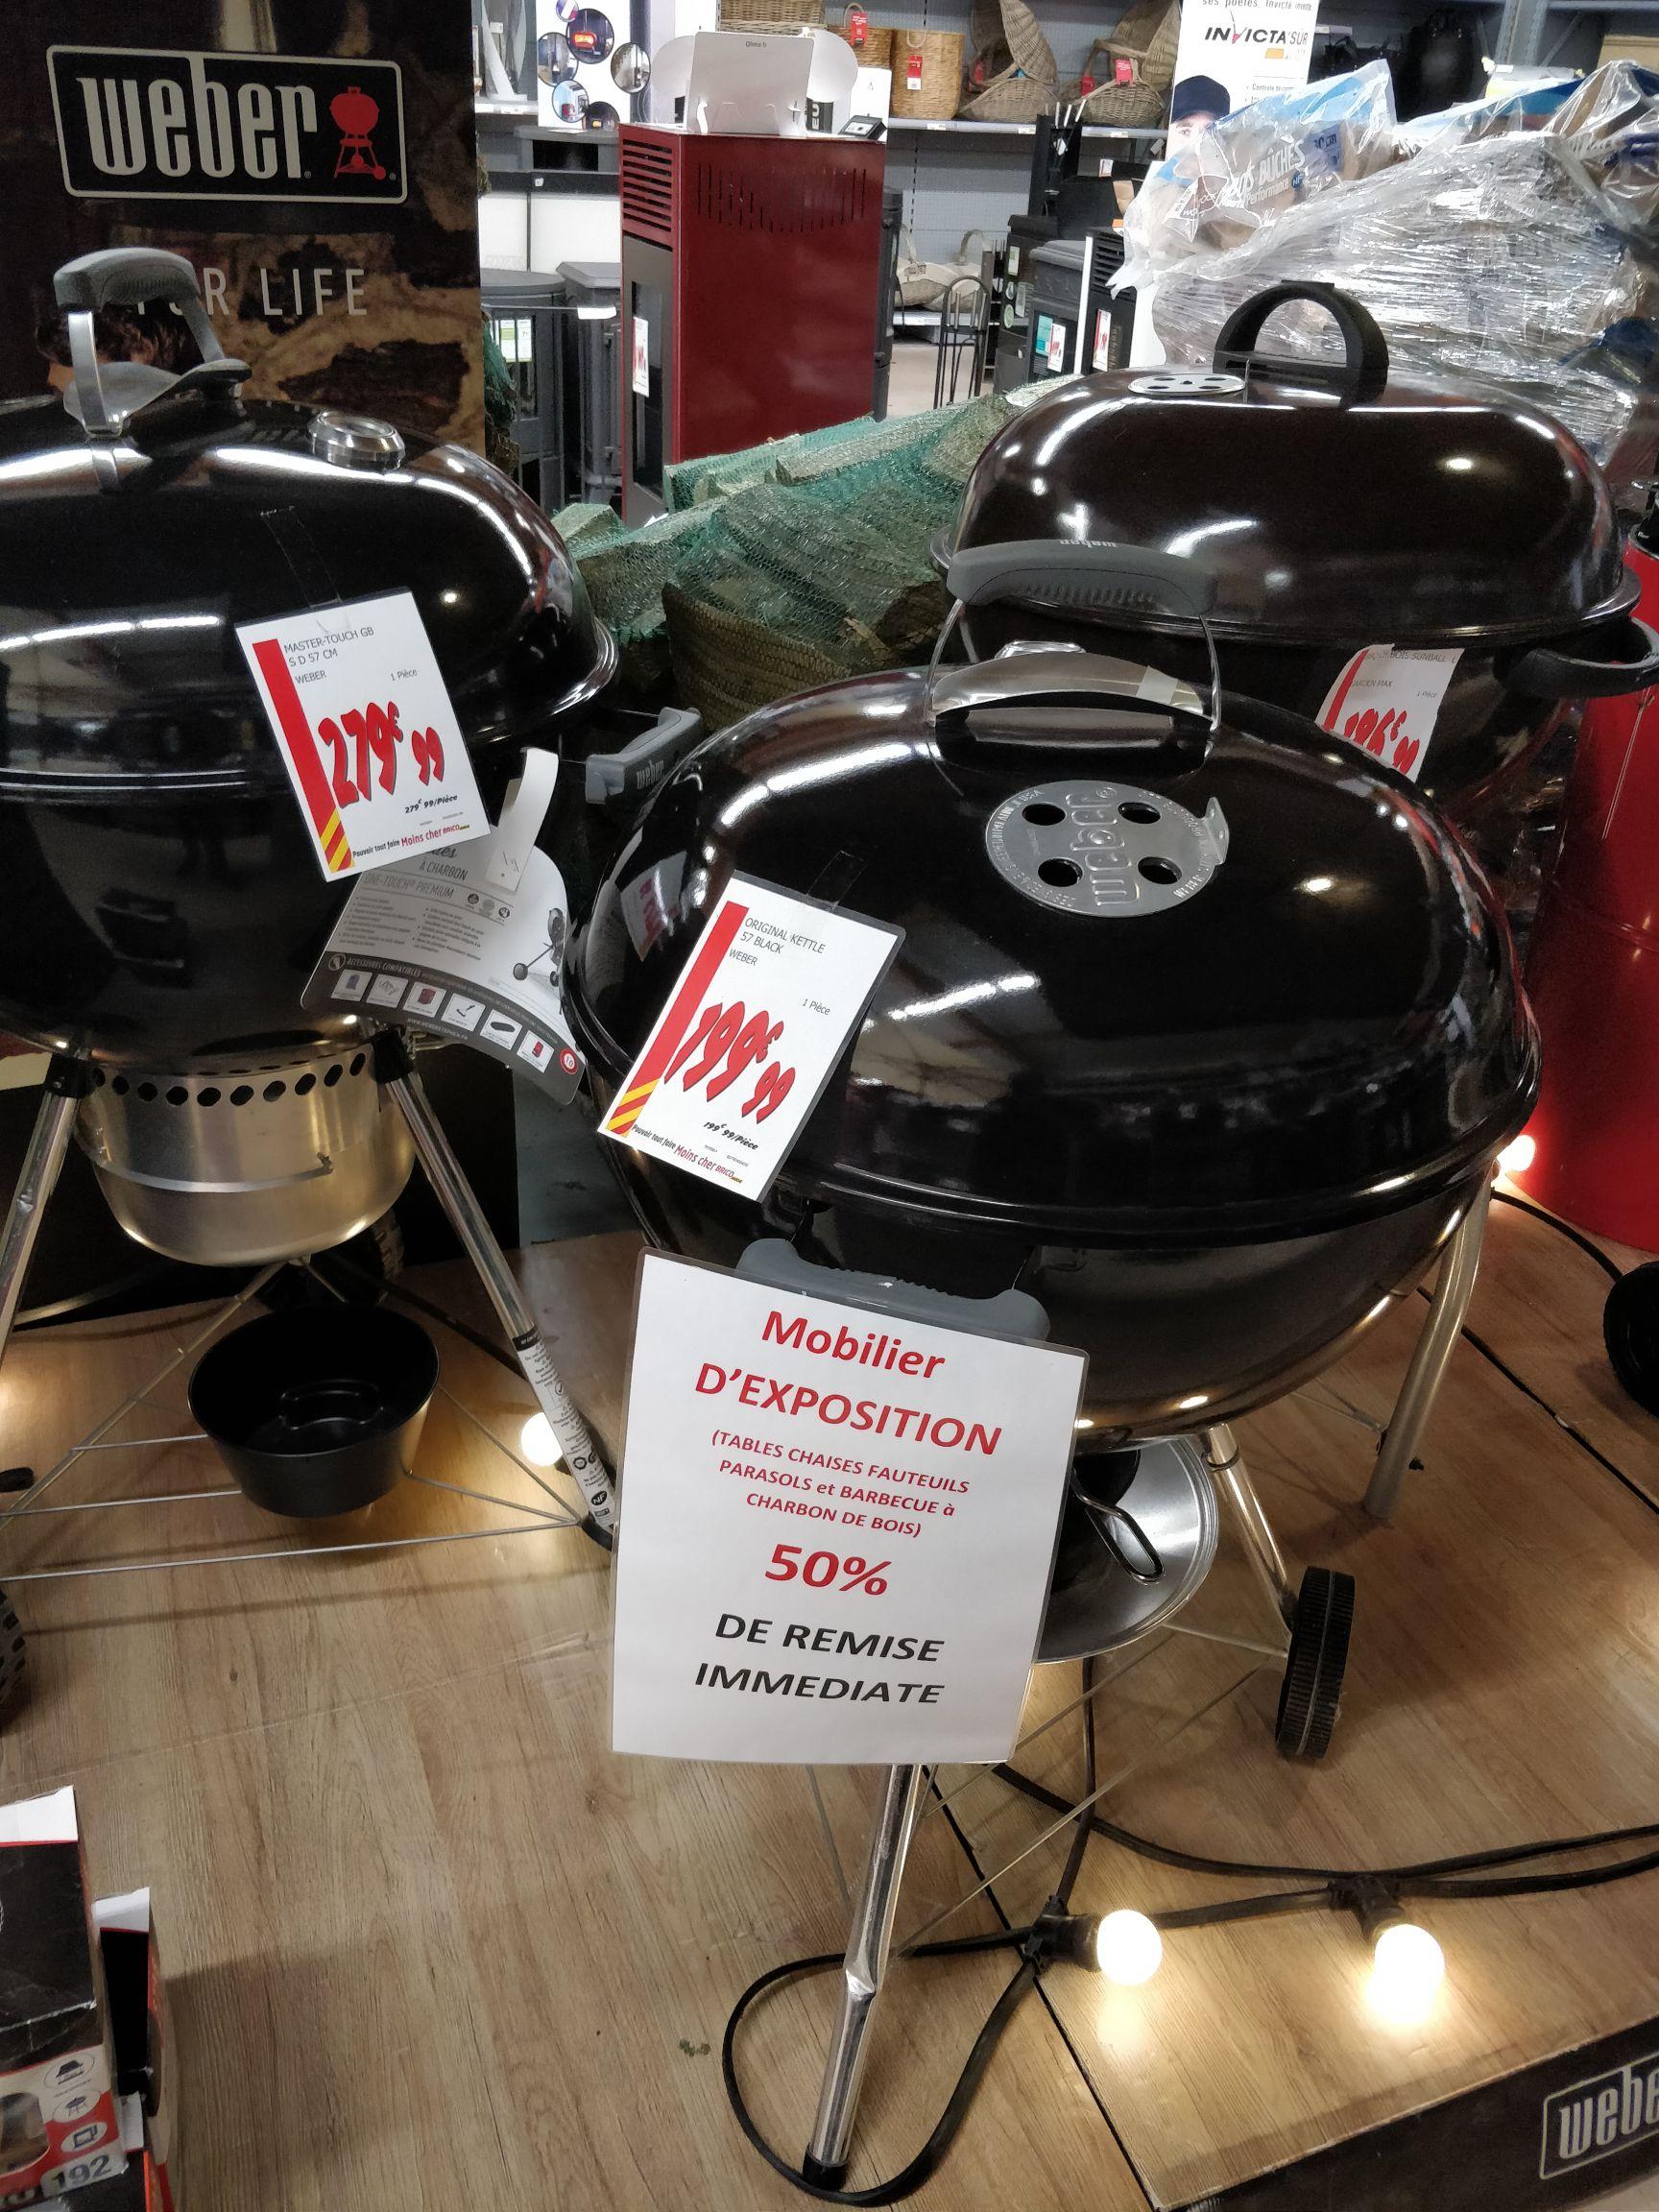 50% de réduction sur les Barbecues Weber (Modèles d'exposition) - Cournon (63)